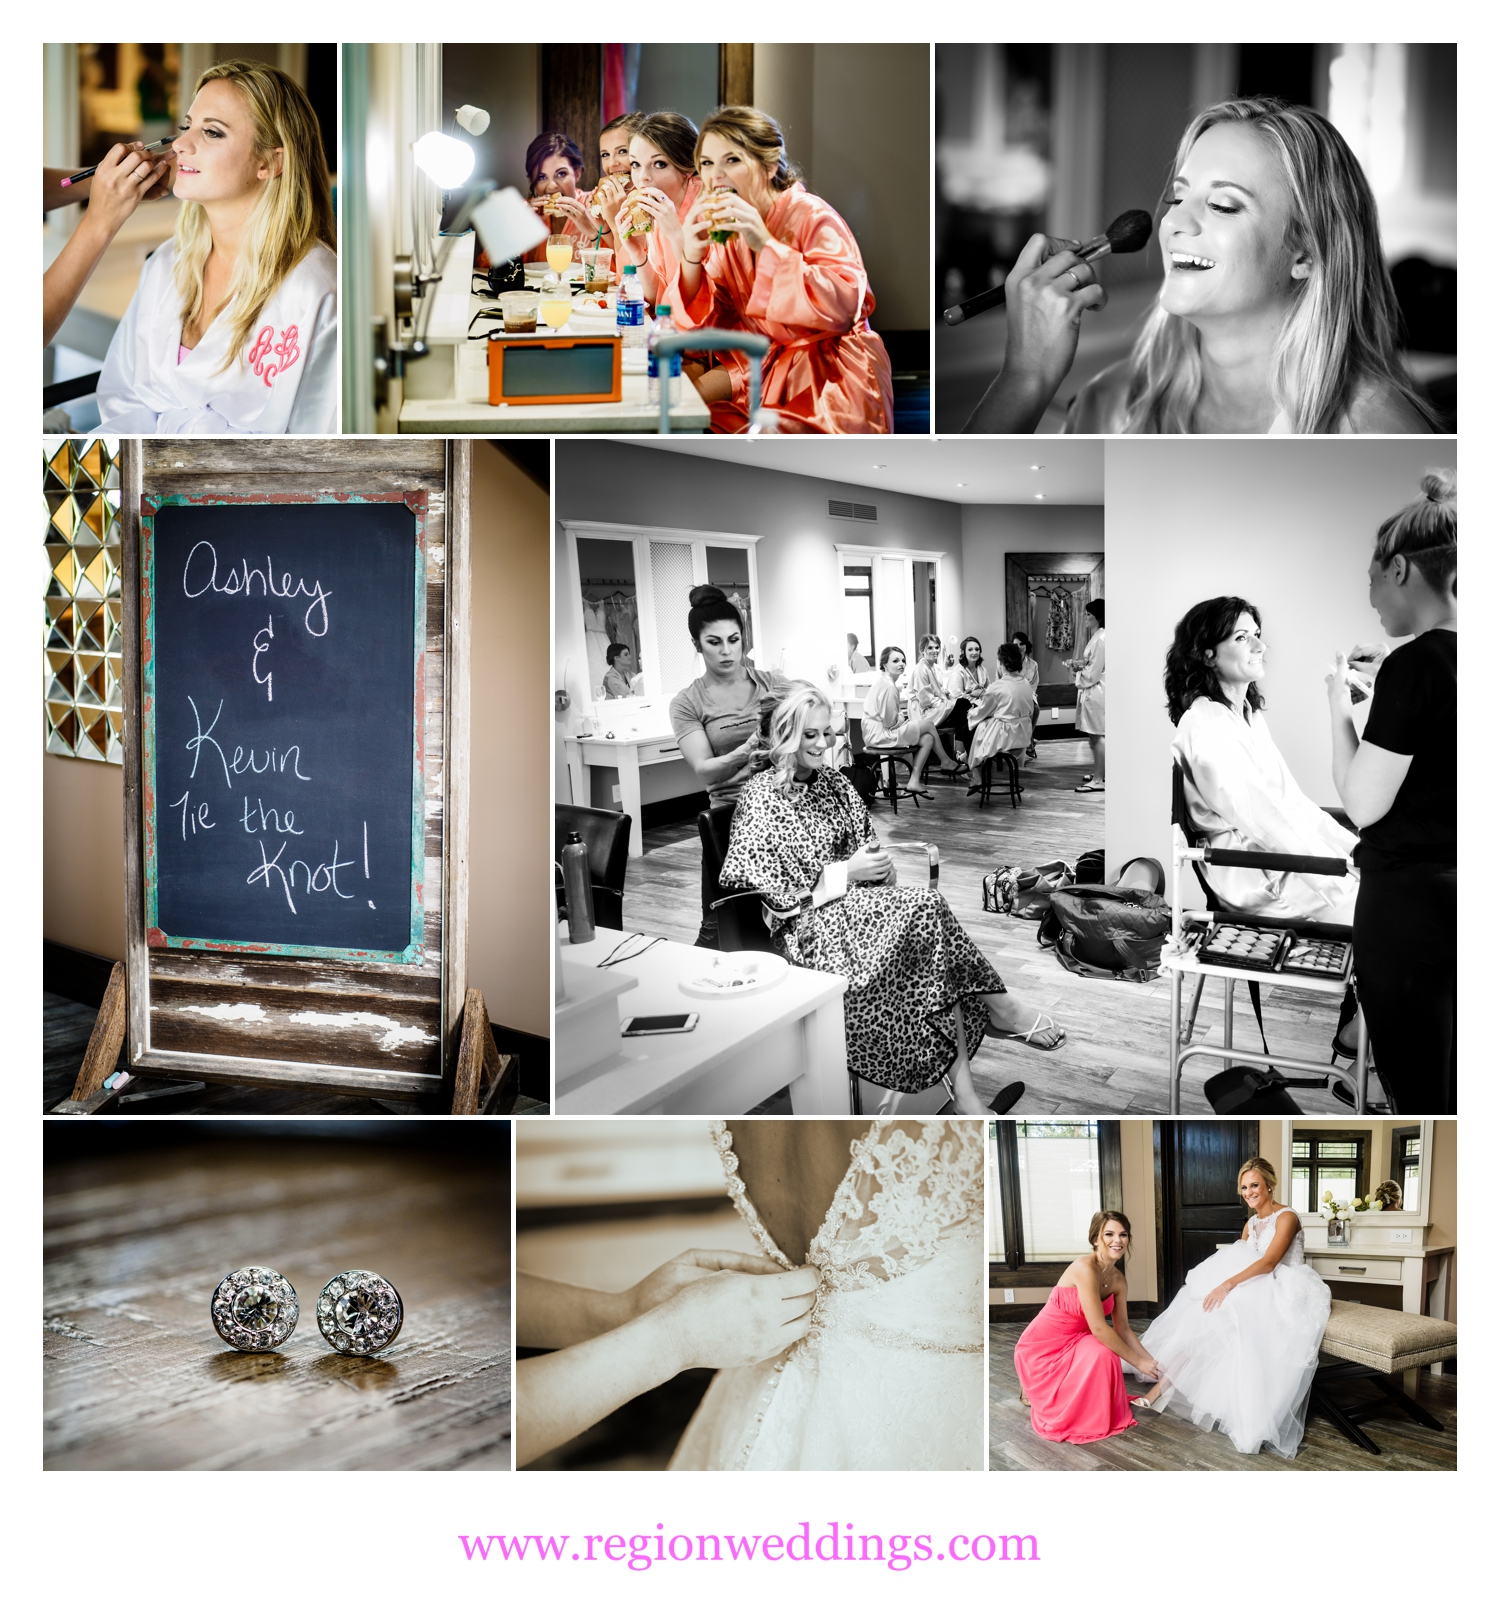 Bridal prep at Sandy Pines Pavilion bridal suite.